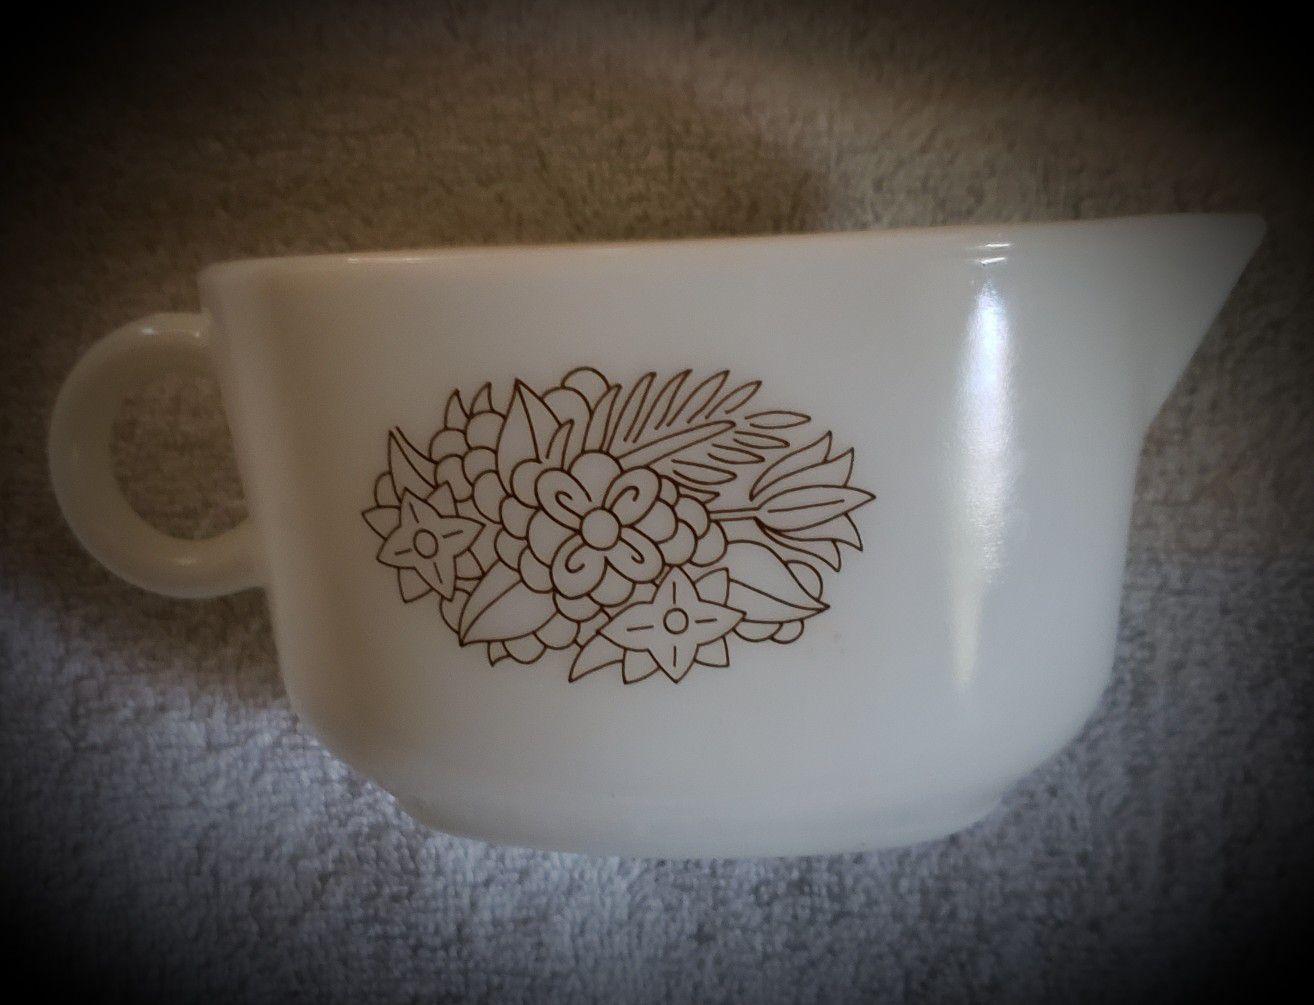 Pyrex gravy bowl